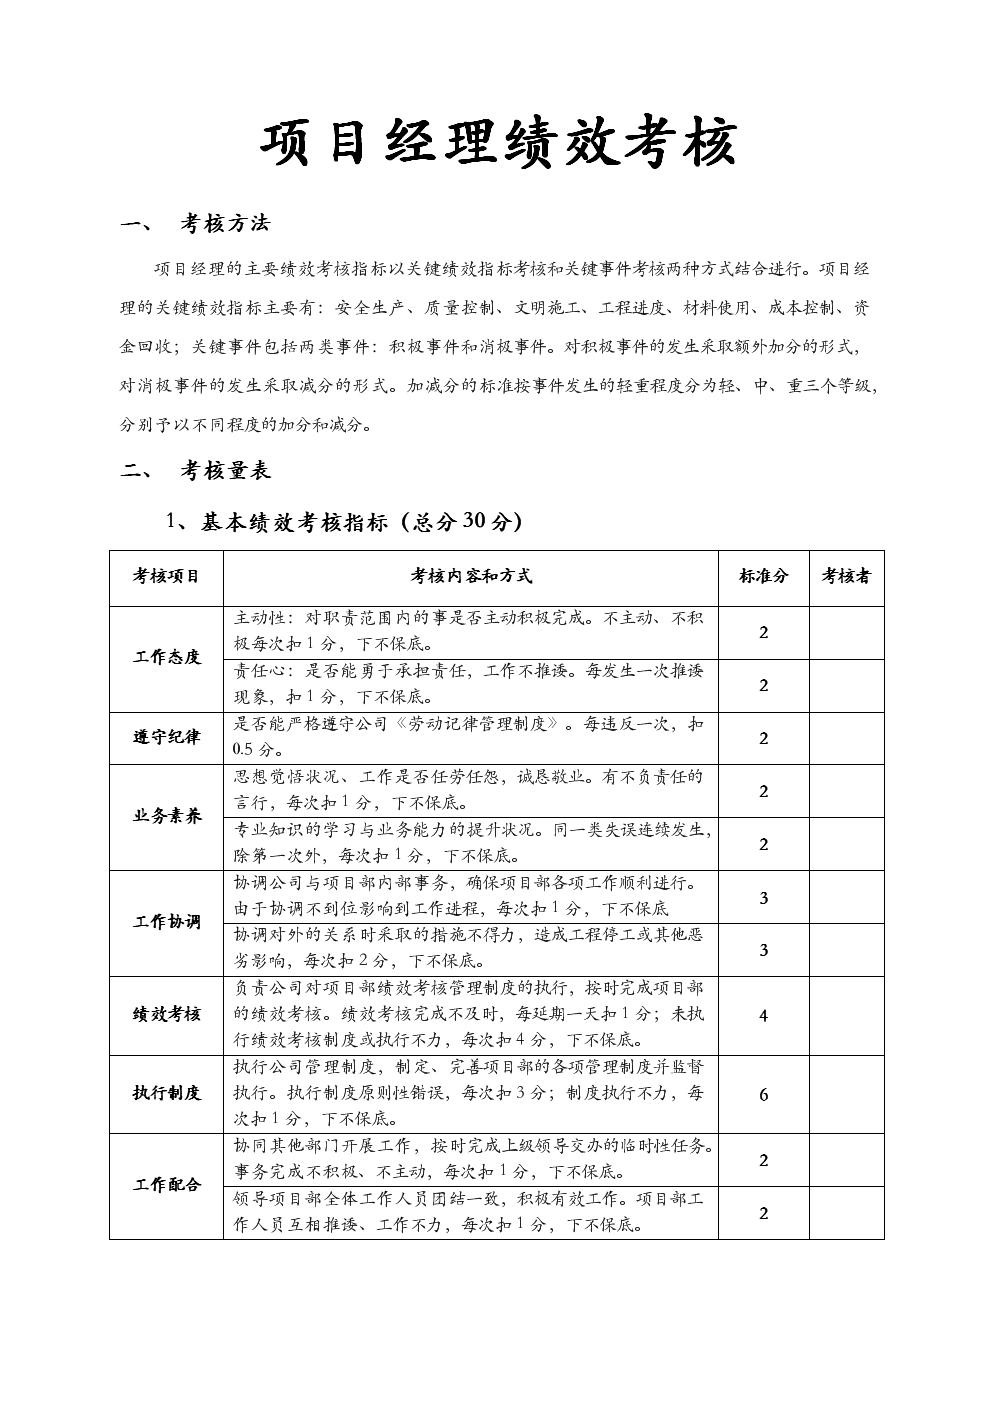 项目经理的绩效考核.doc